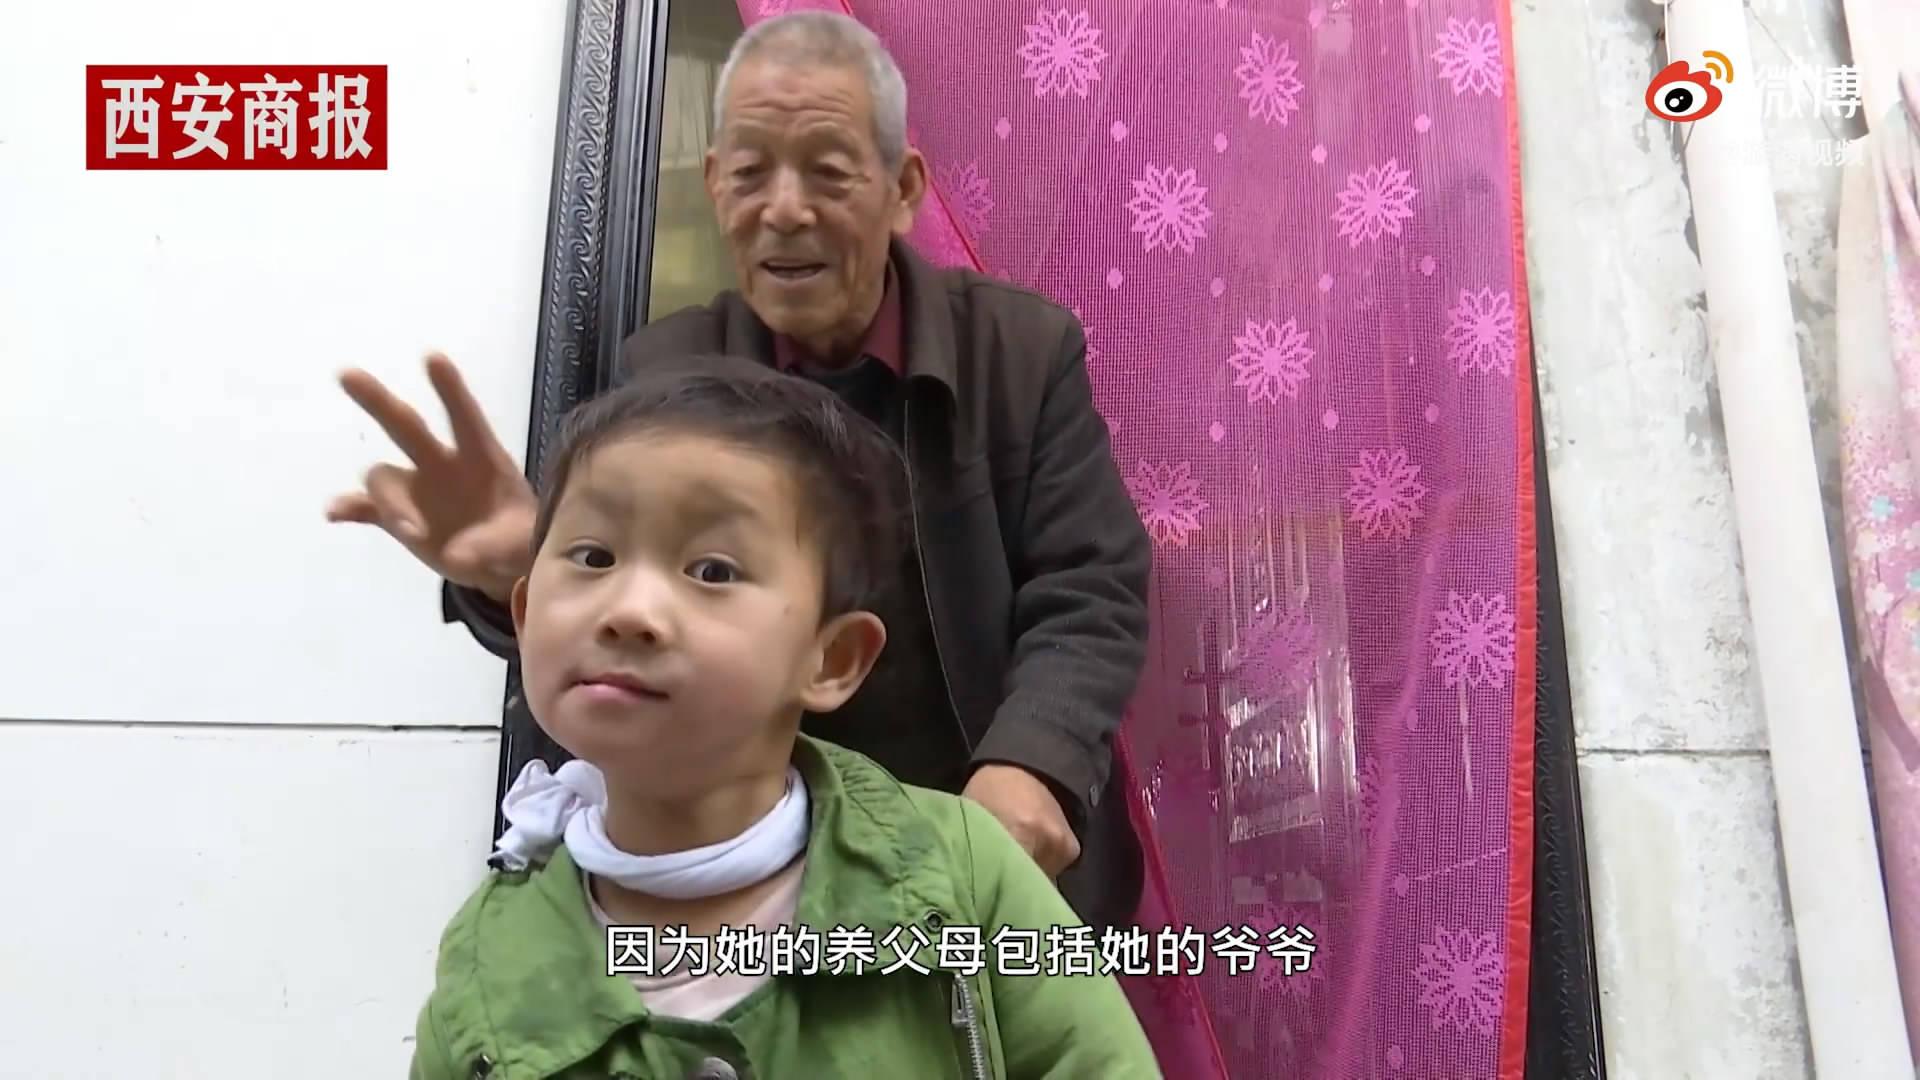 陕西7旬老人收养脑瘫弃婴4年 花掉30万治疗费 医院决定免费